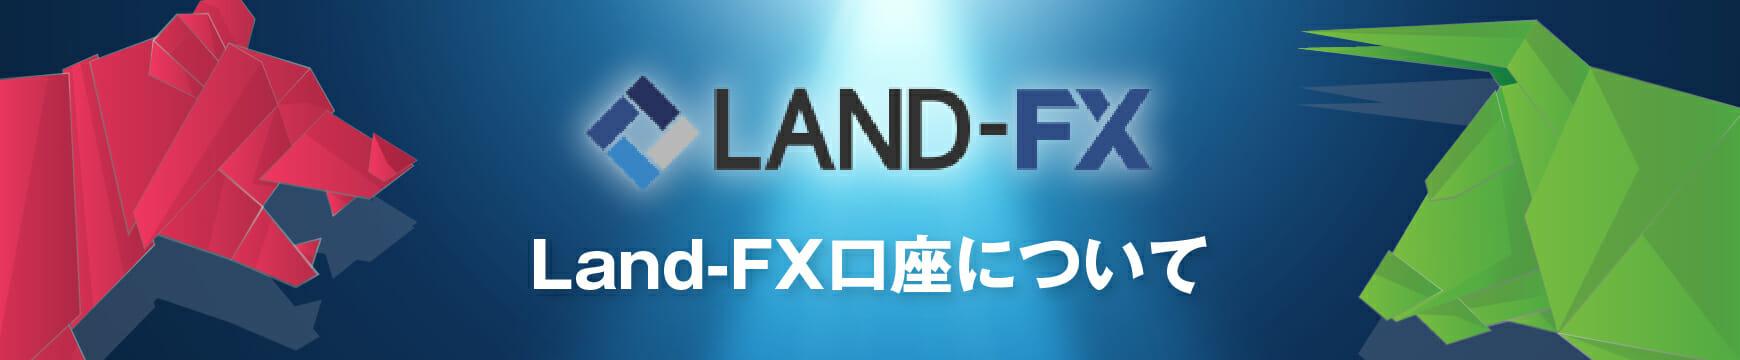 LAND-FX(ランドFX)の口座開設はありかなしか?日本語で徹底解説!